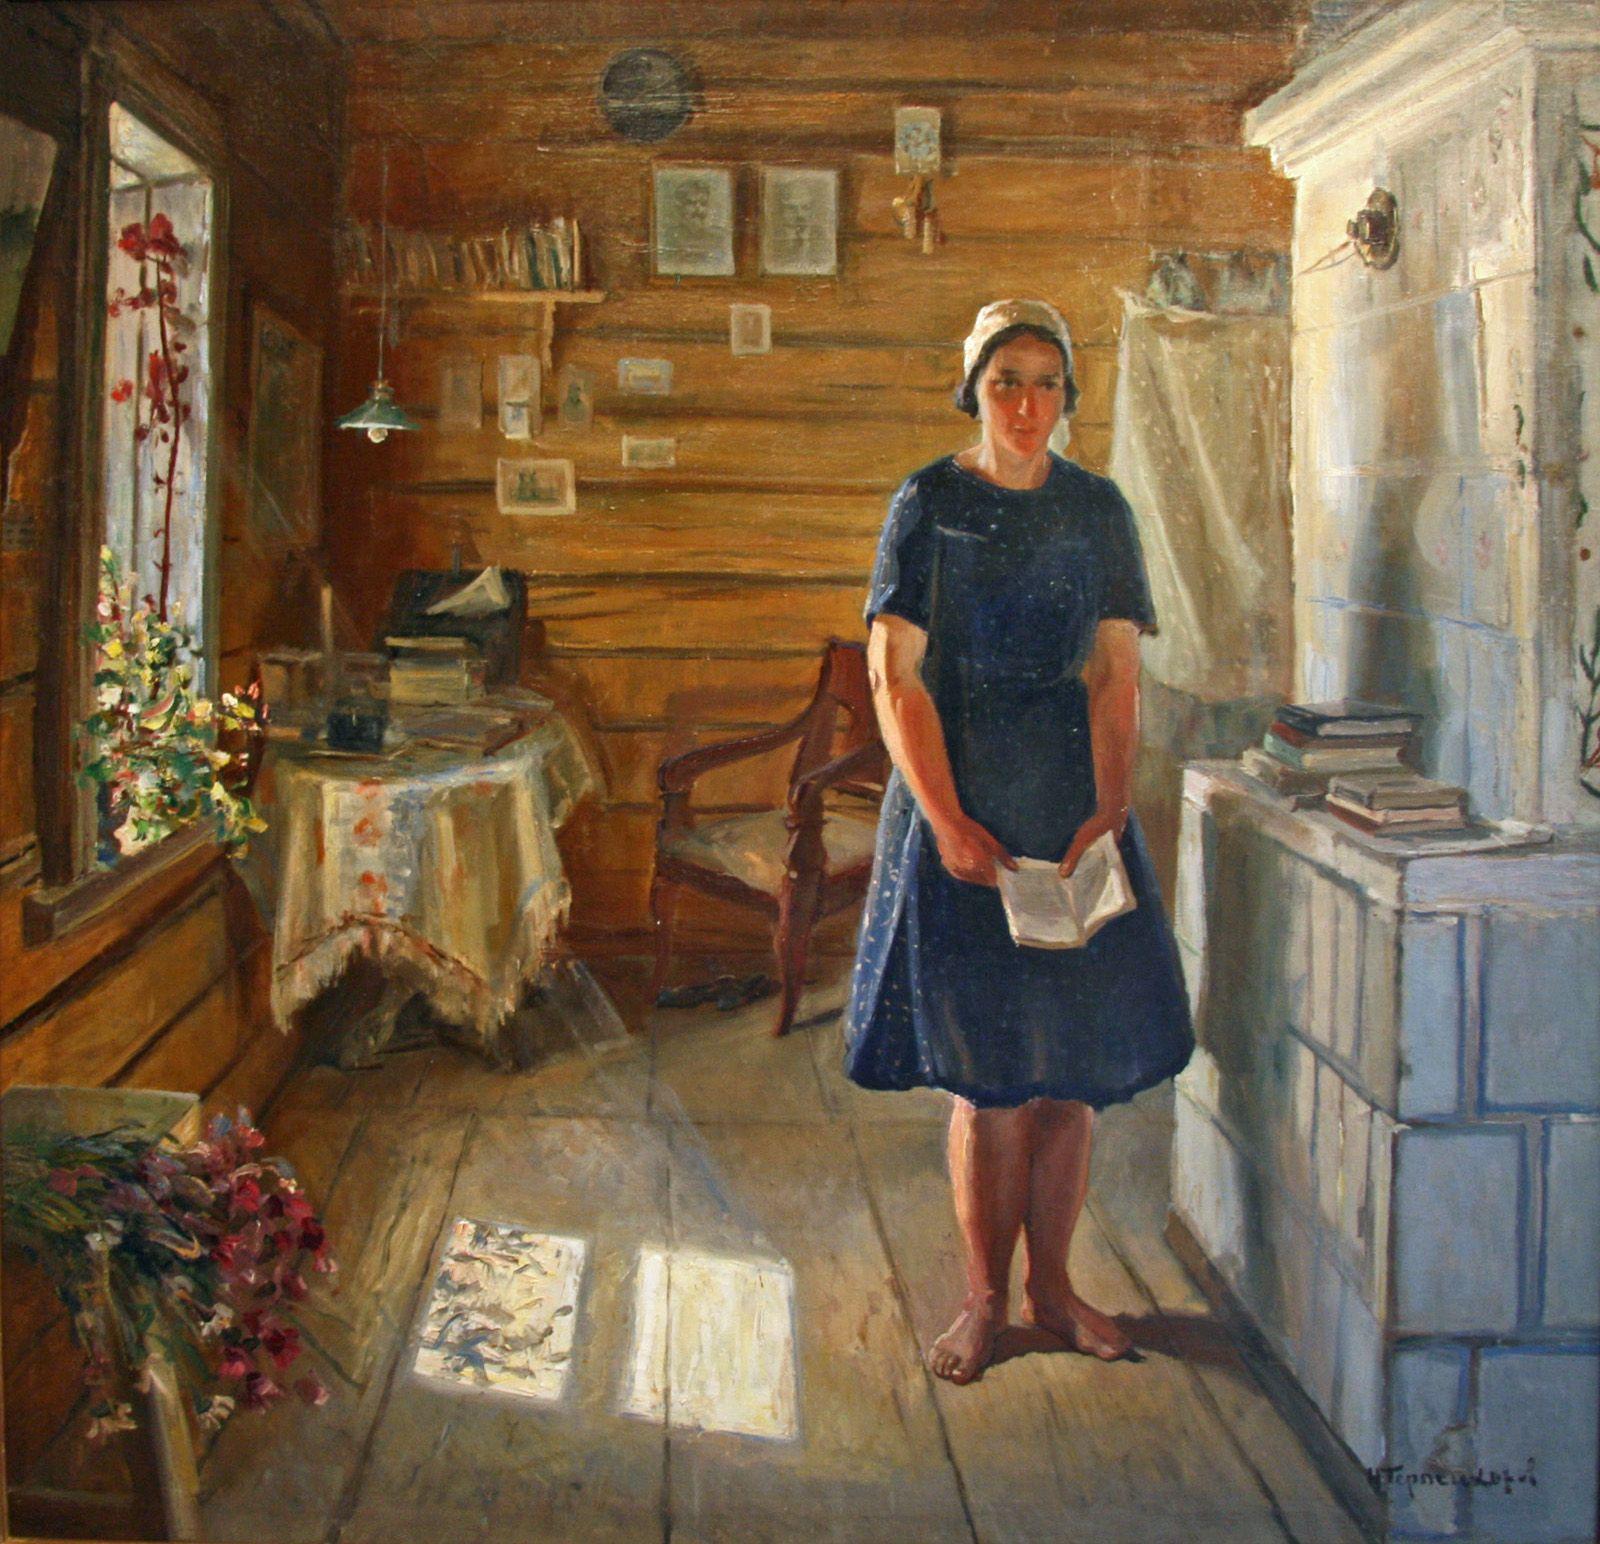 фотографа советский быт в картинах художников что думаешь